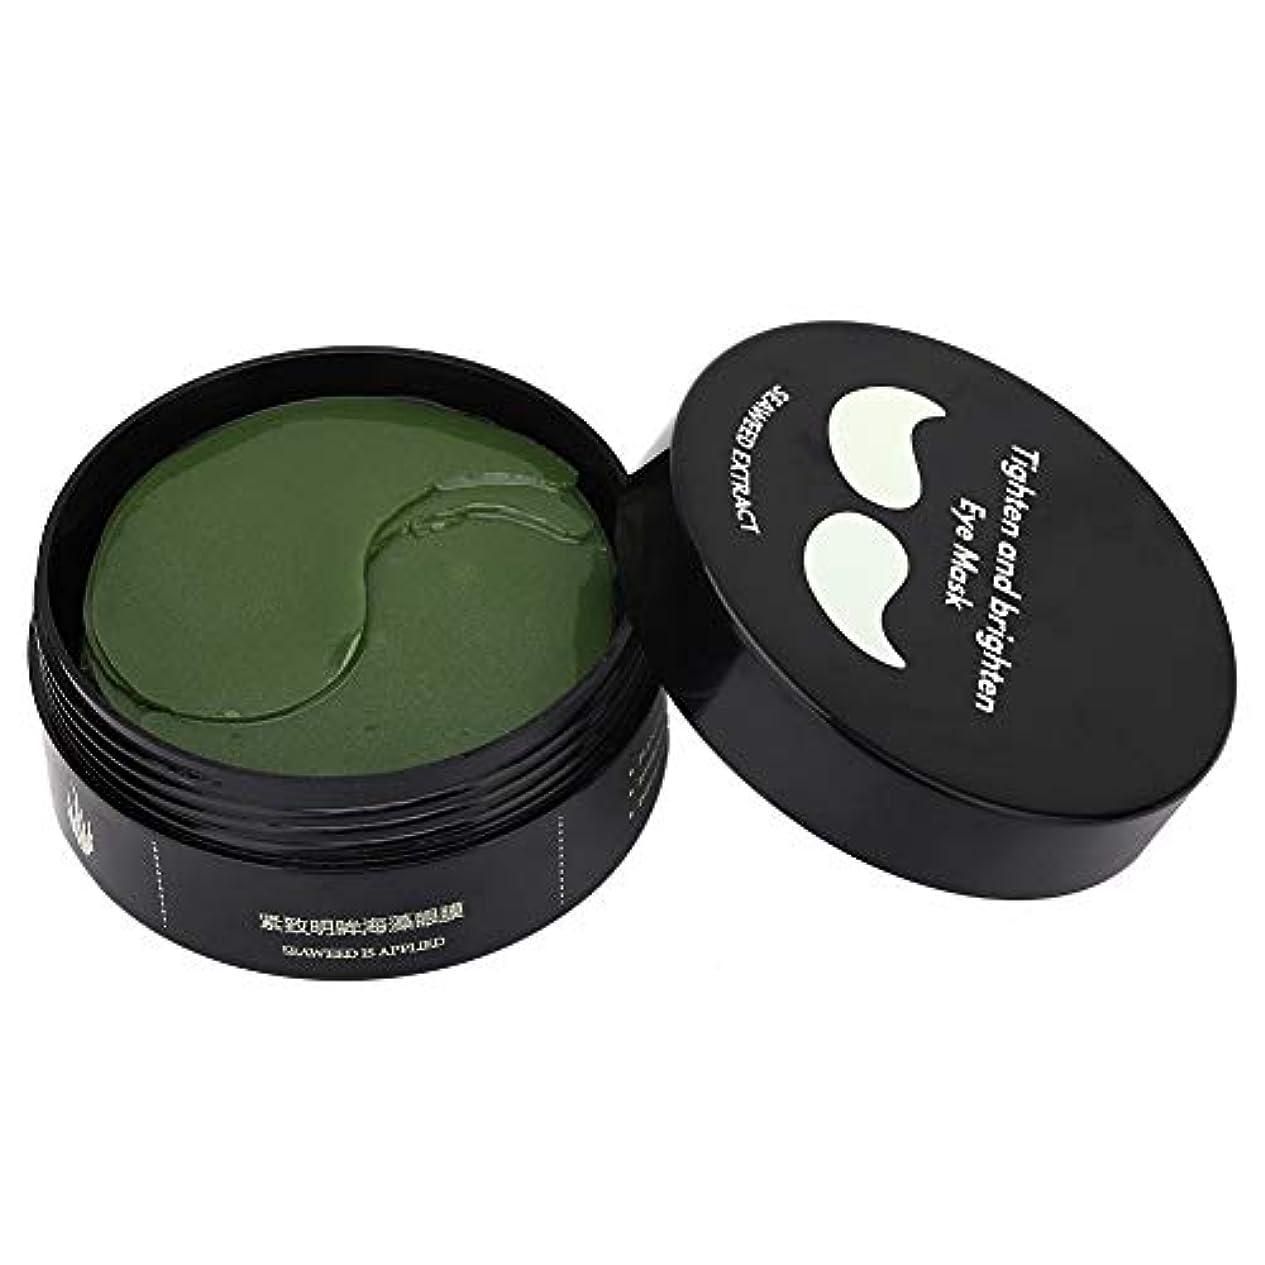 リサイクルするチェス第九アイジェルマスク、60個/箱緑藻アイジェルマスクしわ防止しわくちゃダークサークル保湿引き締めパット产品標题(タイトル):